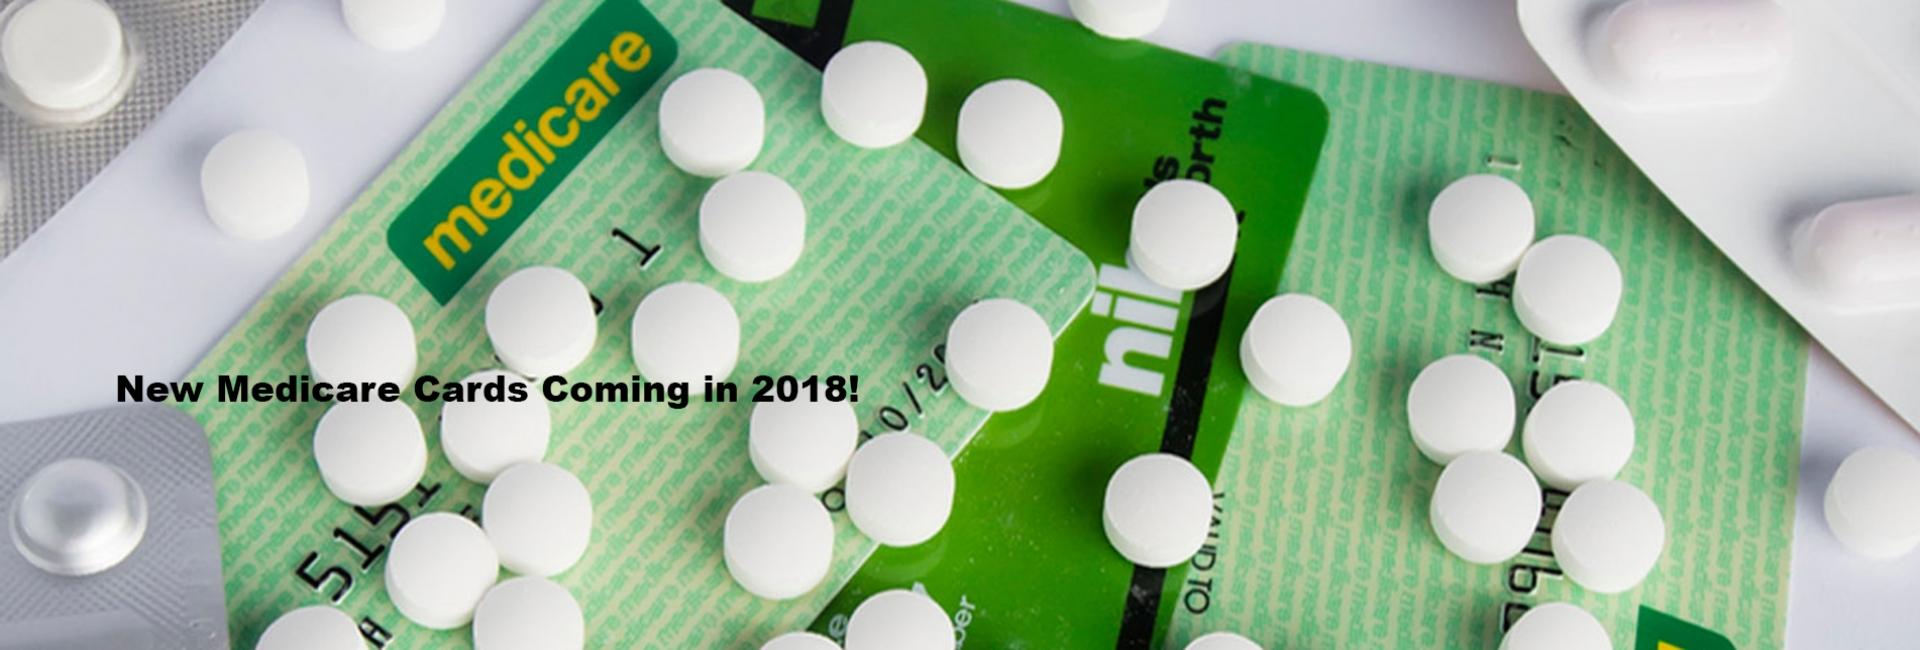 MEDICARE NEWS: New 2018 Medicare Card Information!